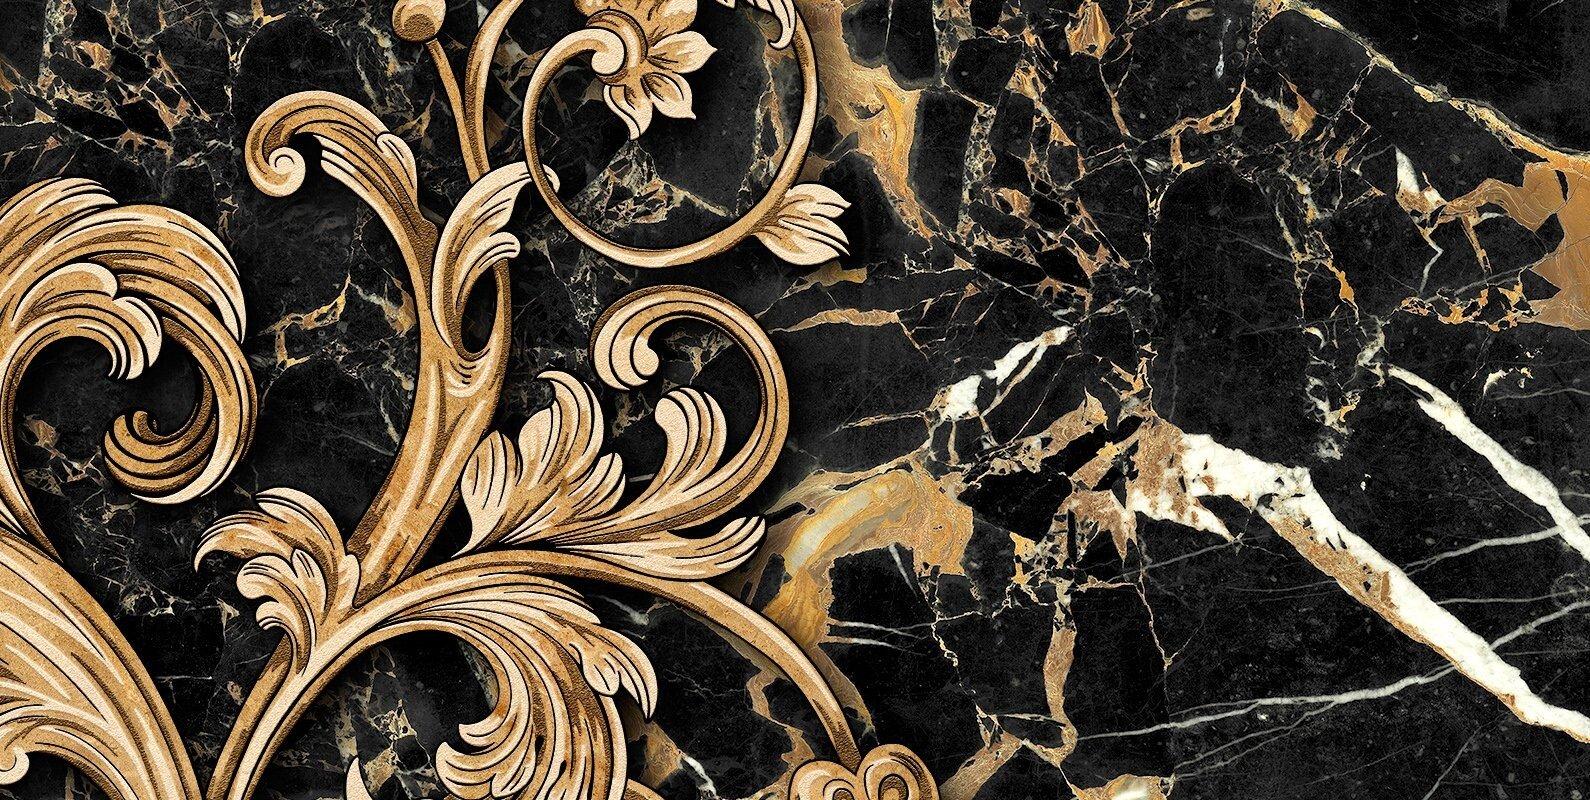 db23cbc6c4ce Декор Голден Тайл Saint Laurent Decor №3 black 300x600  цена, фото в ...